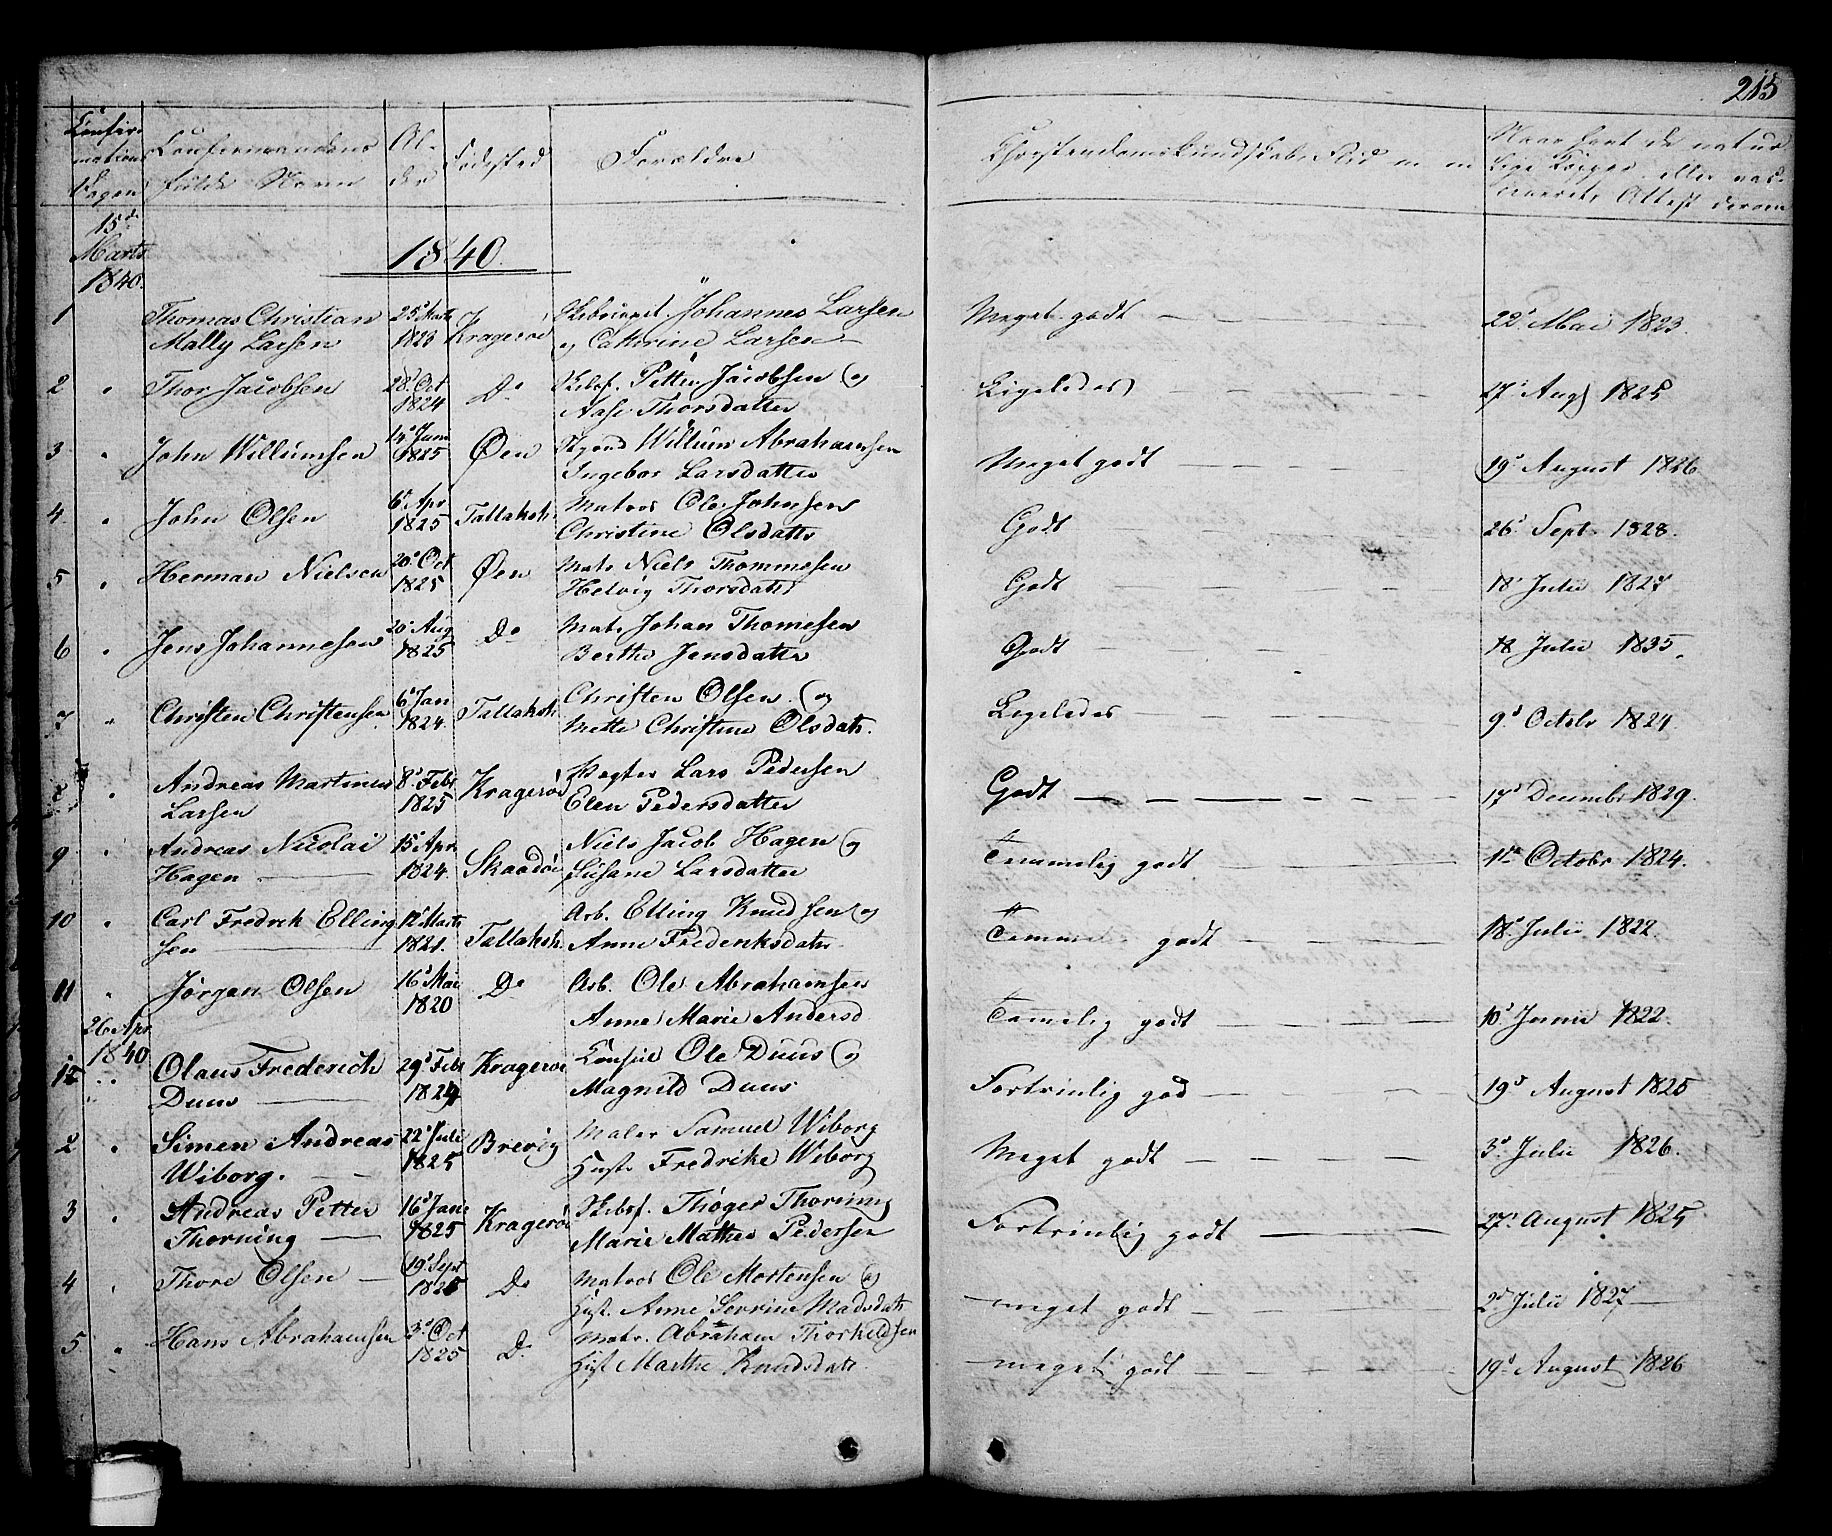 SAKO, Kragerø kirkebøker, G/Ga/L0003: Klokkerbok nr. 3, 1832-1852, s. 215